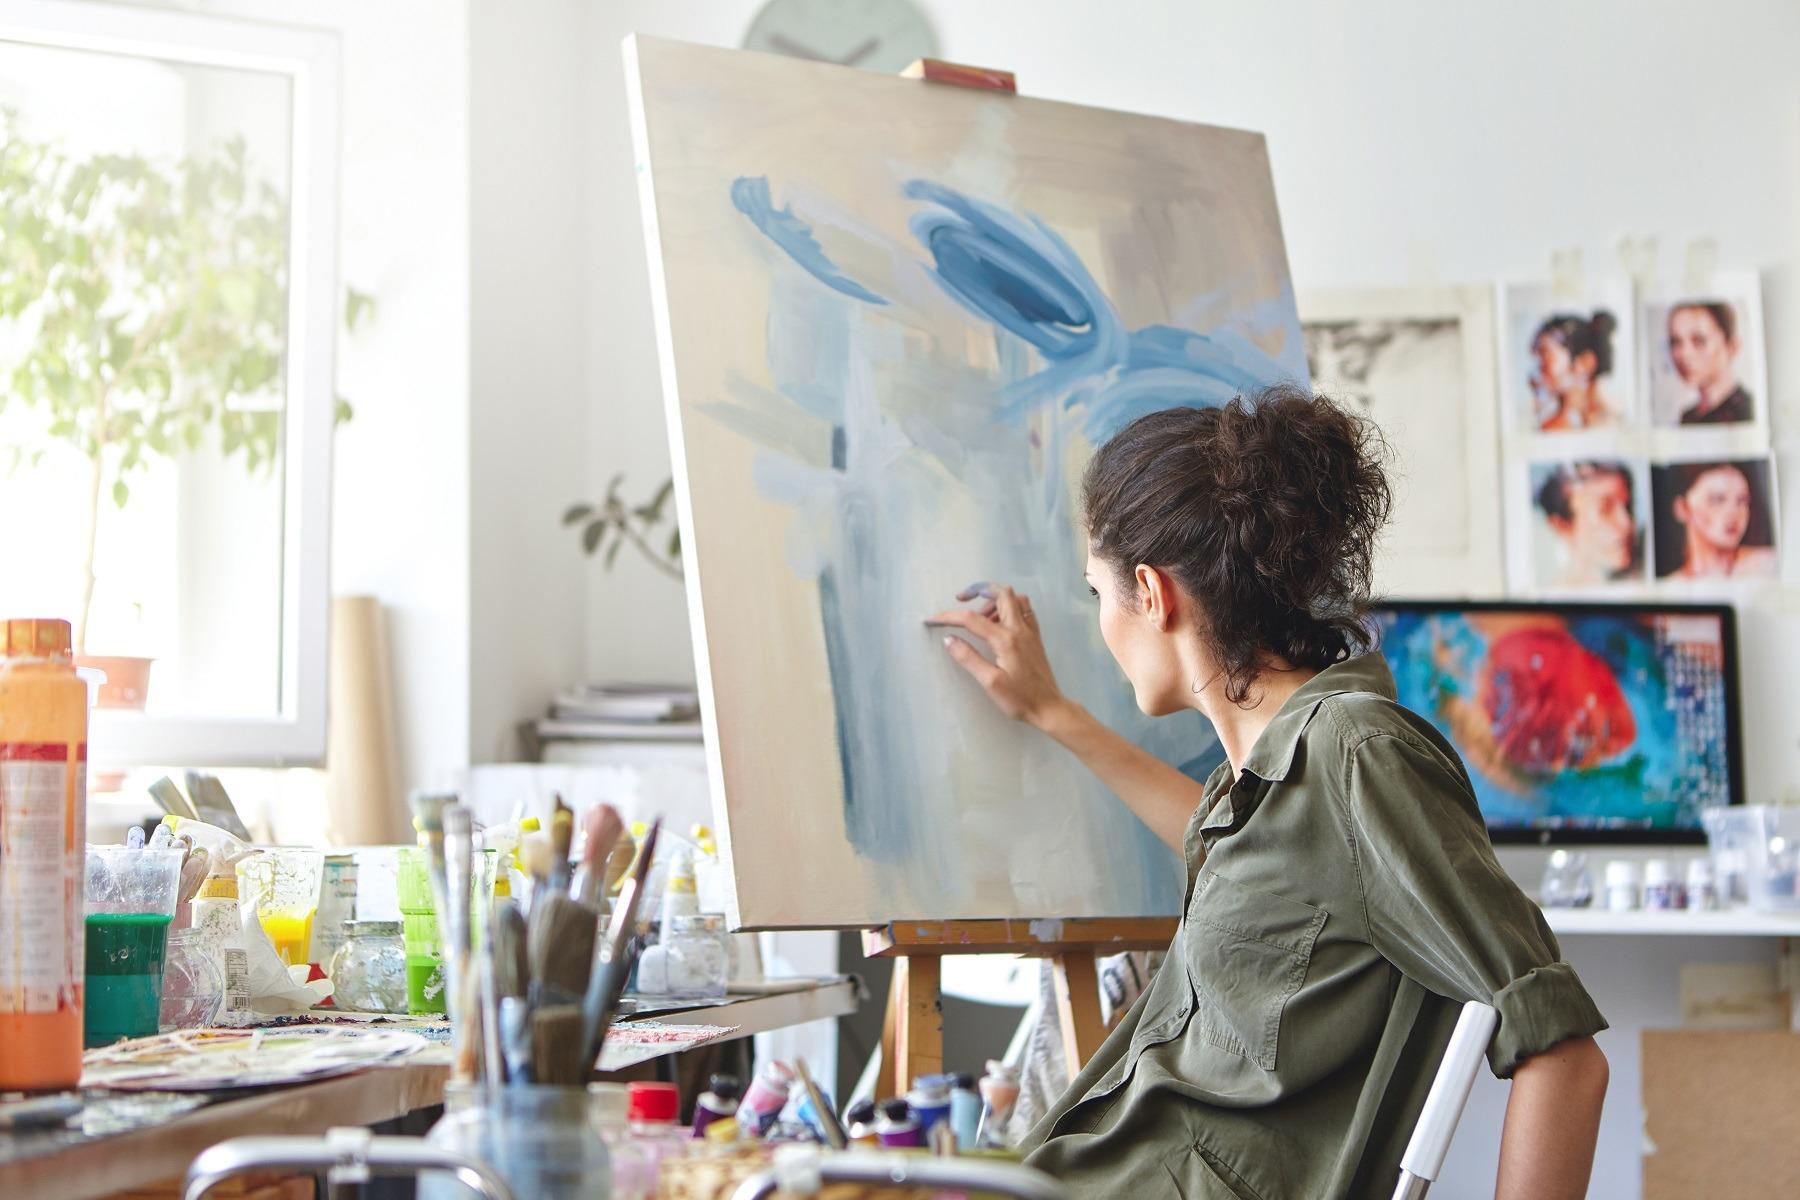 zalety i wady artystycznych zawodów